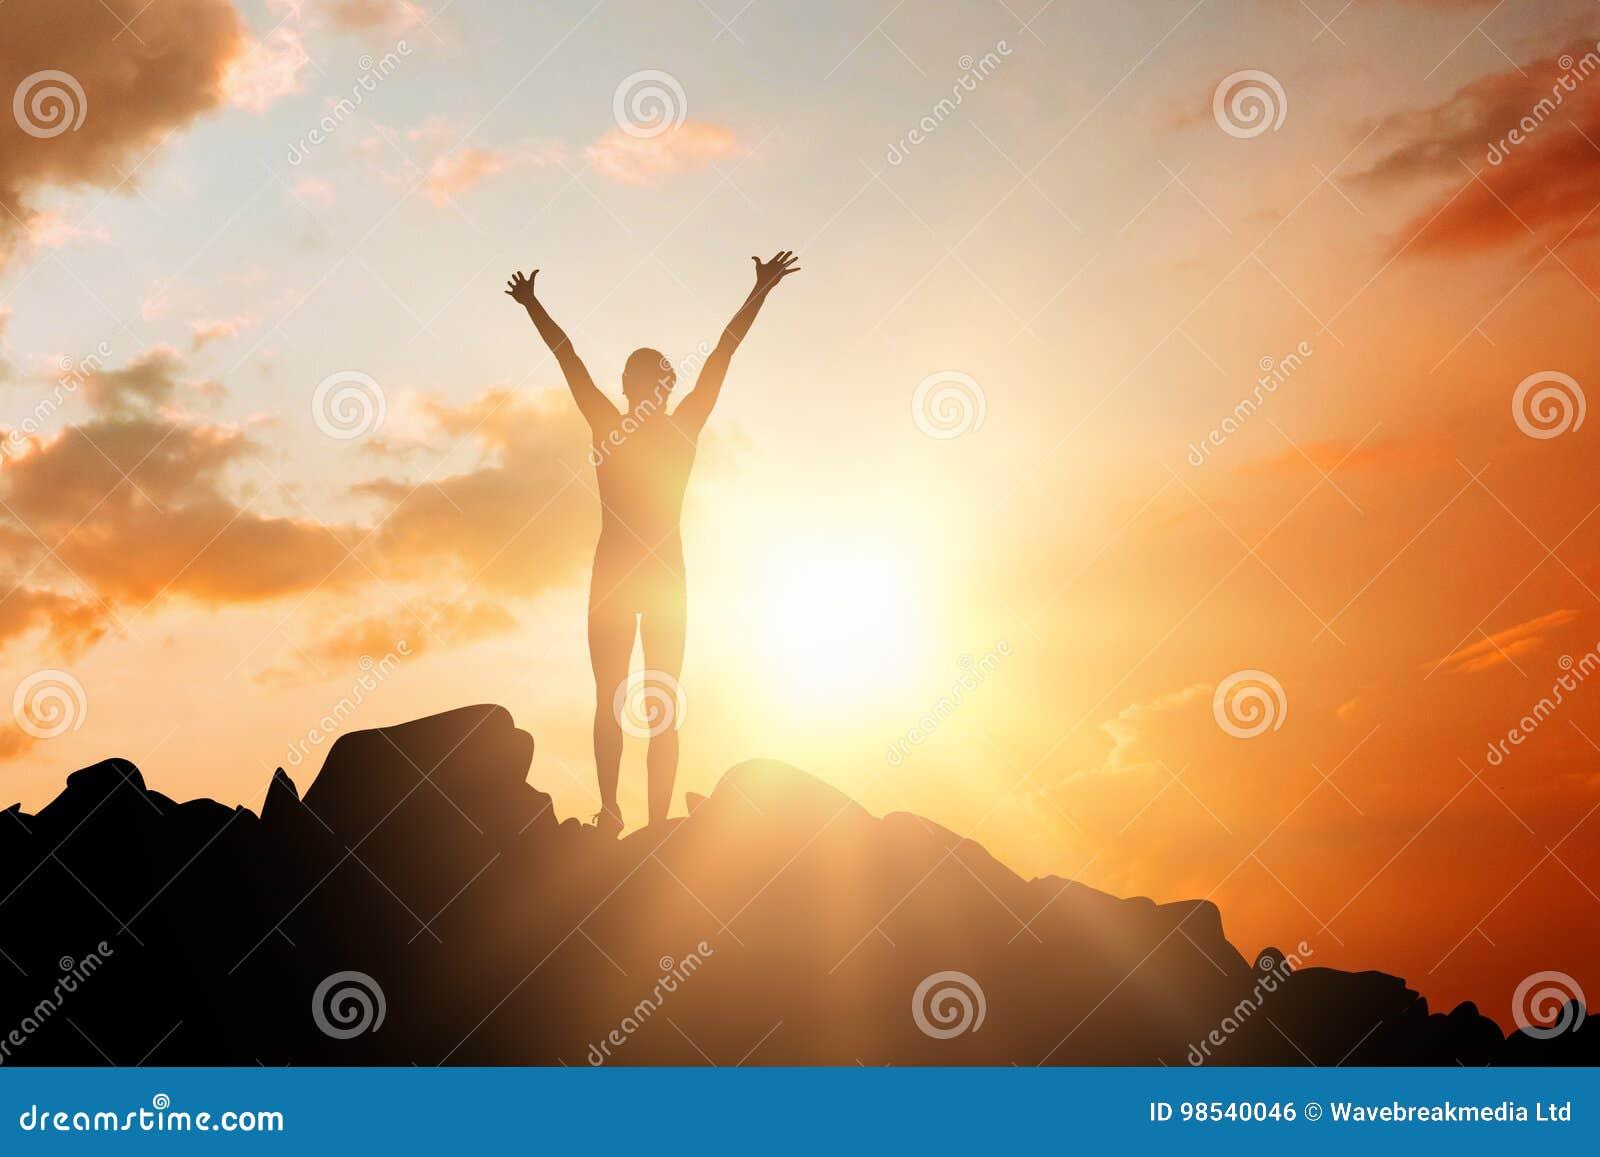 Σύνθετη εικόνα της φιλάθλου που γιορτάζει τη νίκη της